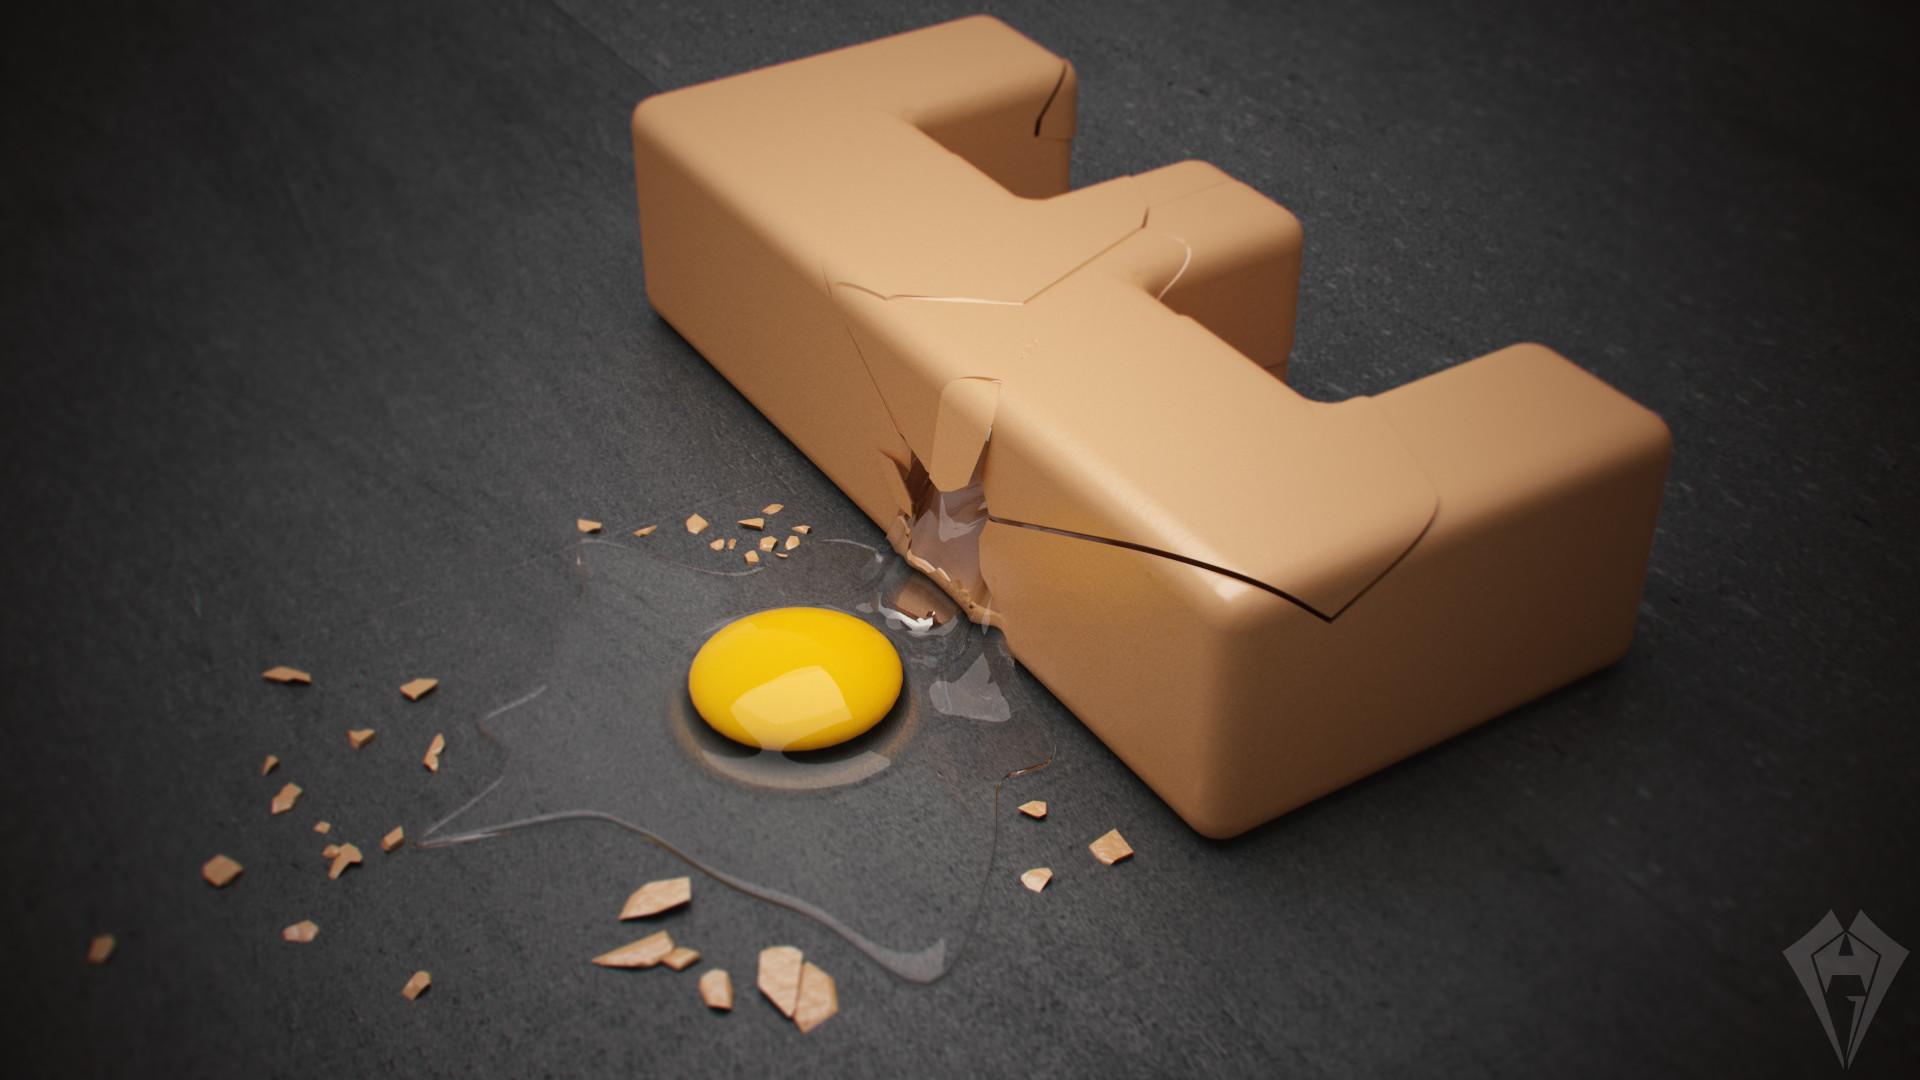 E from Egg by hugo matilde